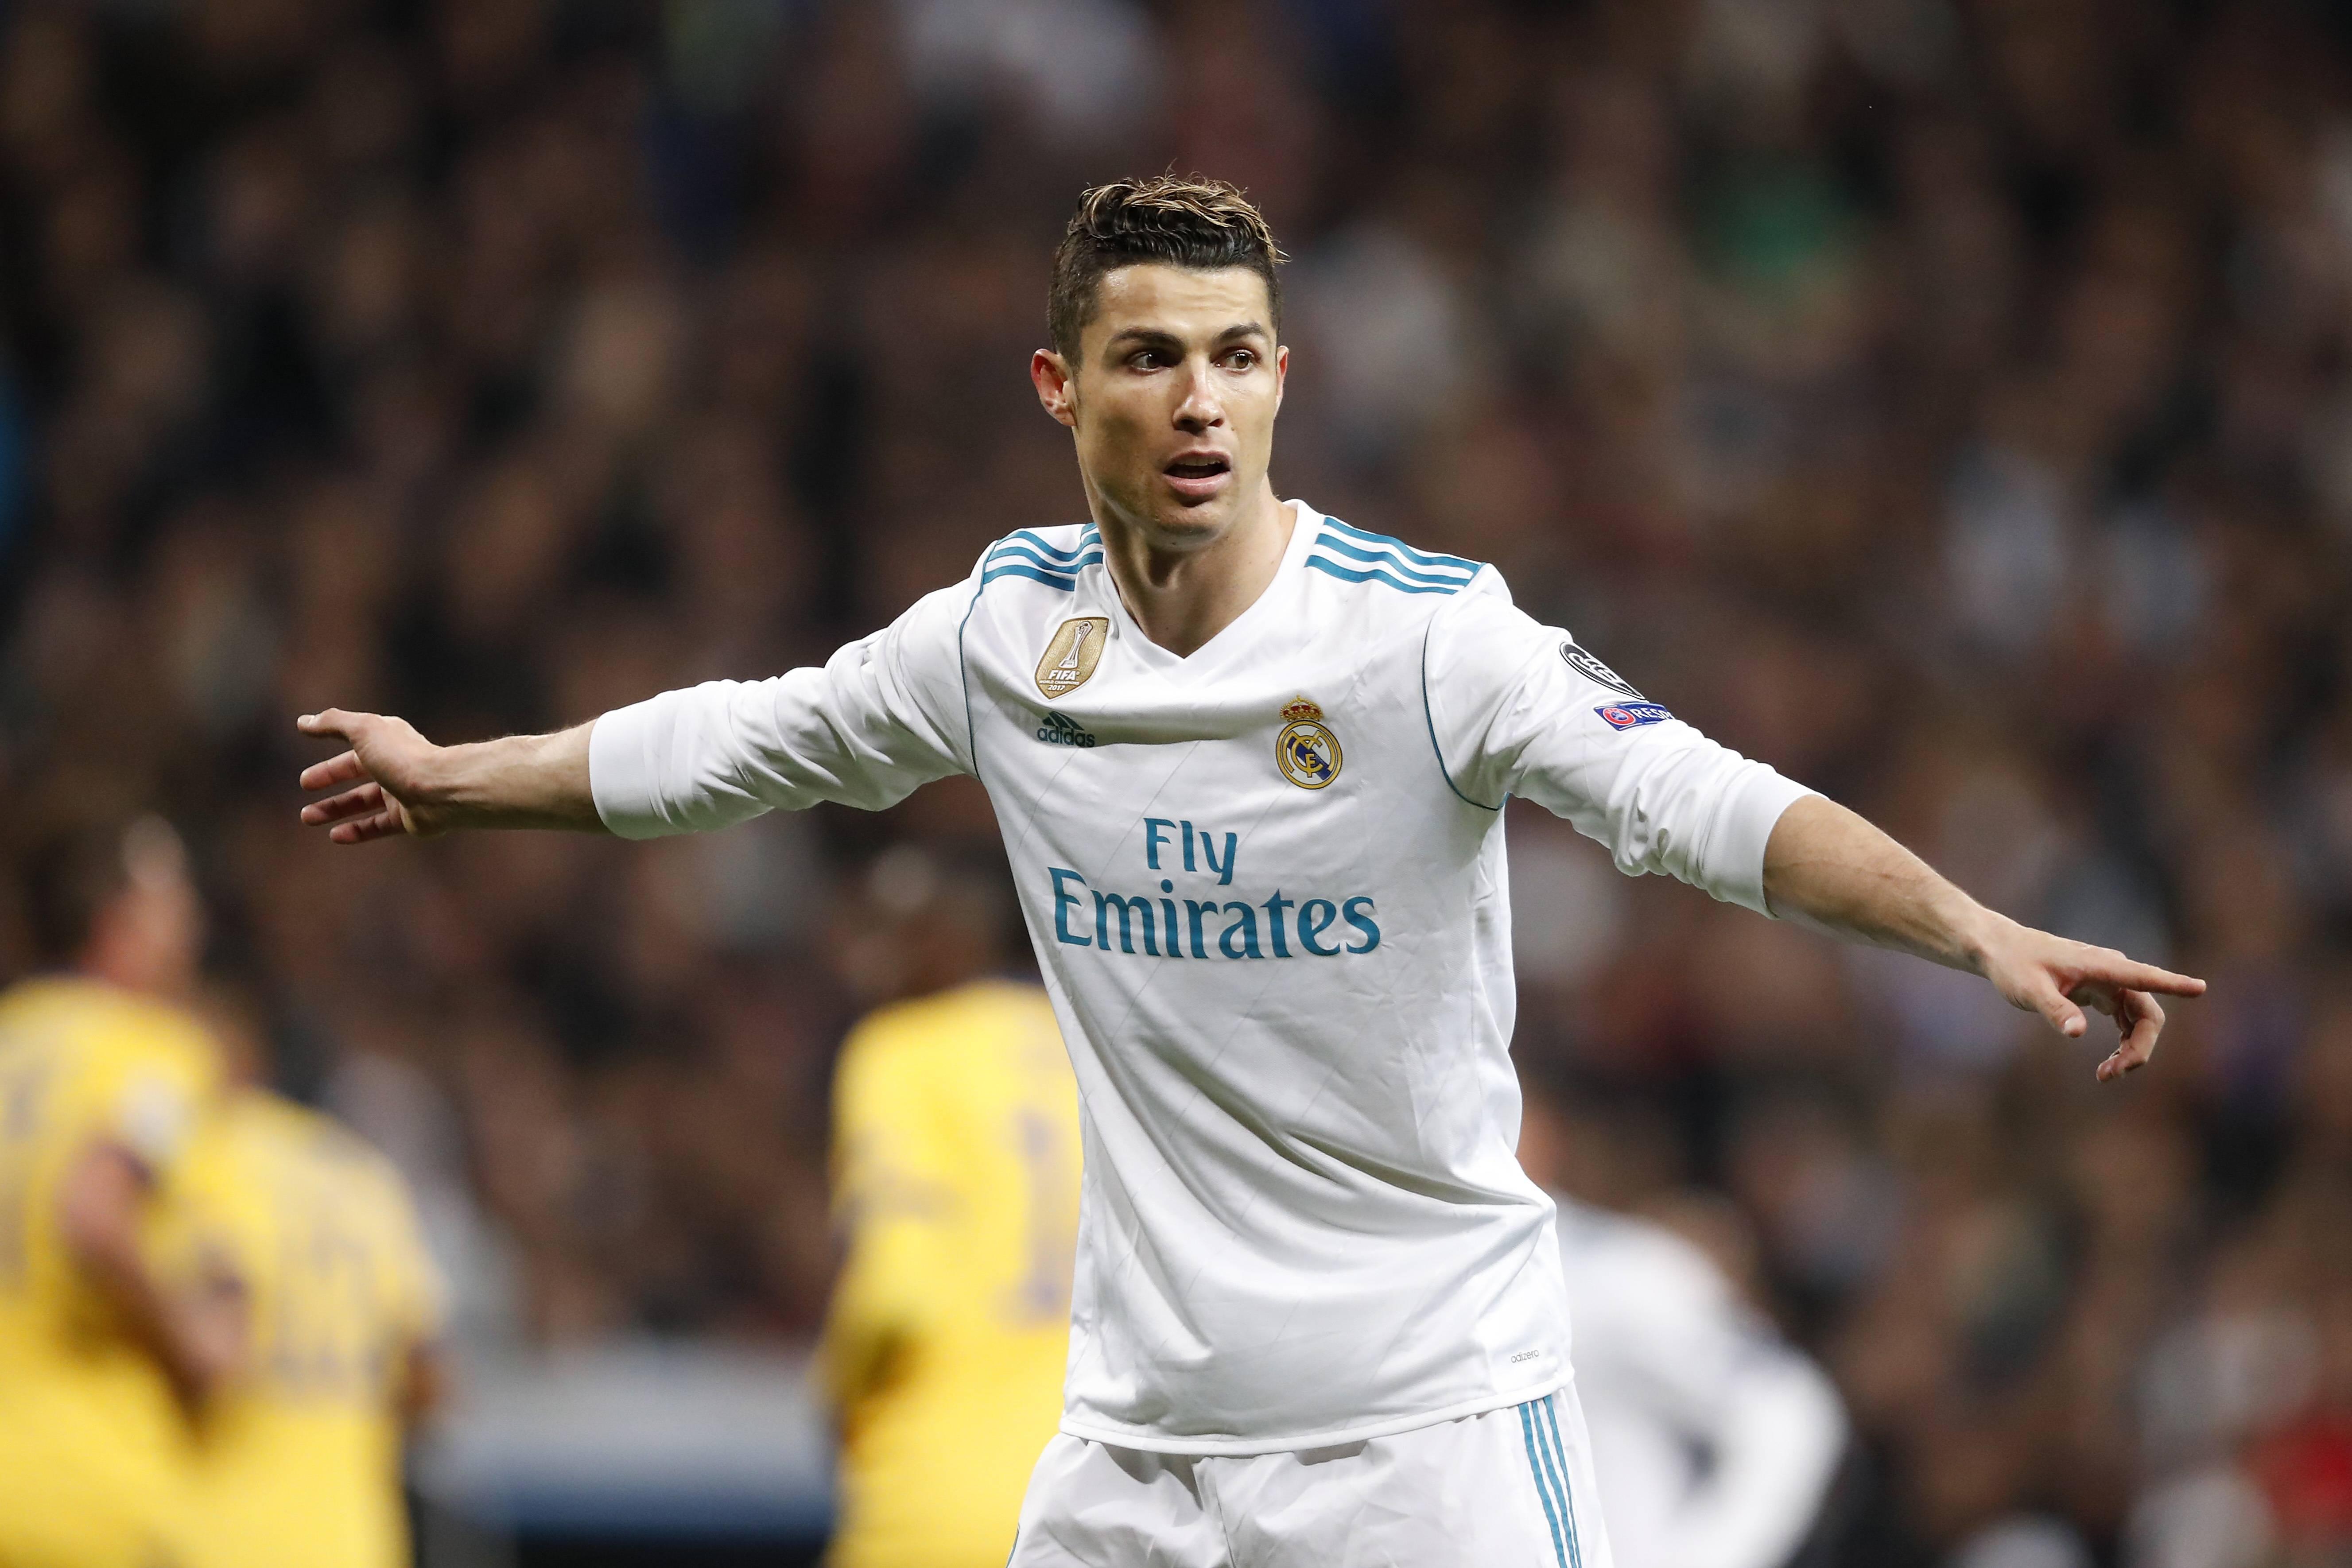 Rückennummer Ronaldo